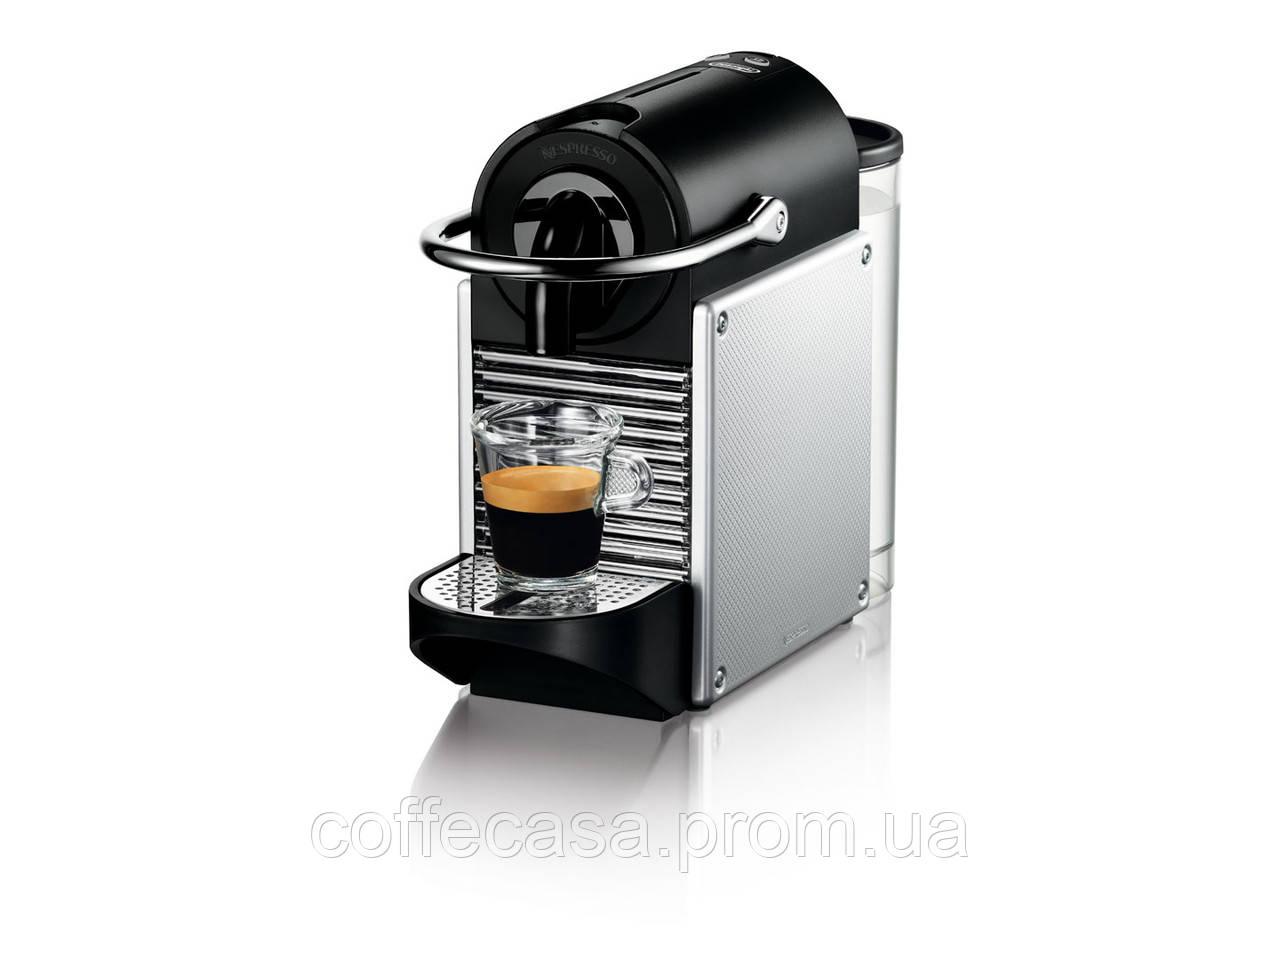 Кофемашина Nespresso Delonghi Pixie EN 125.S